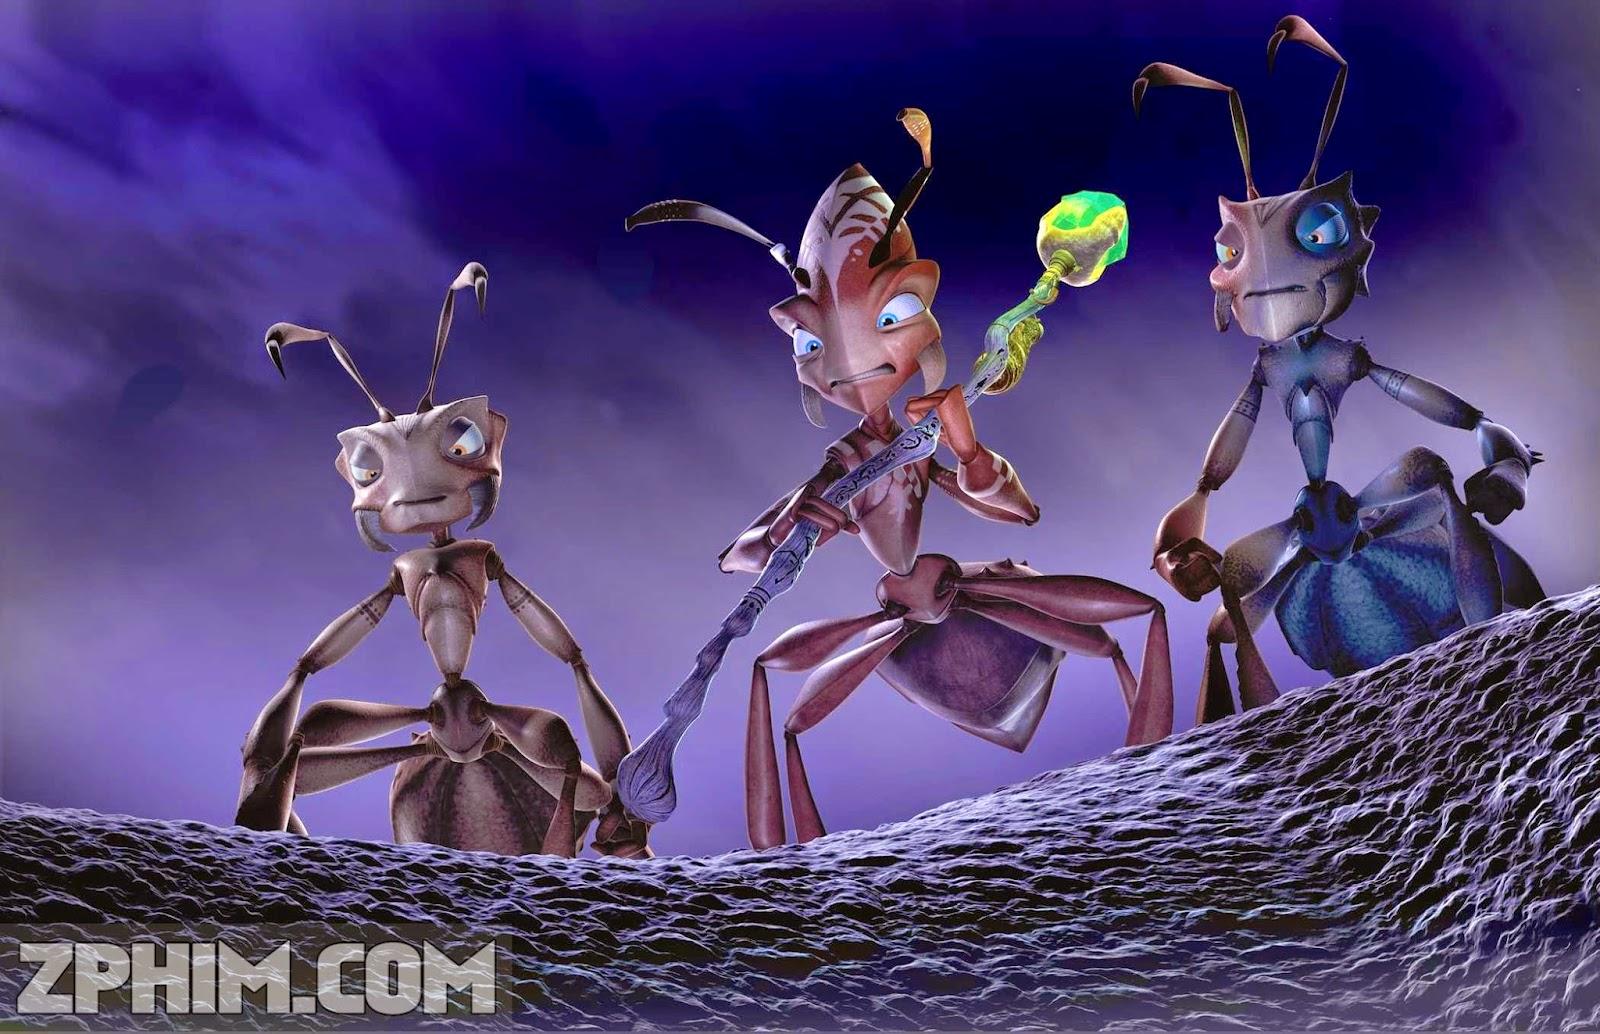 Ảnh trong phim Lạc Vào Thế Giới Kiến - The Ant Bully 1